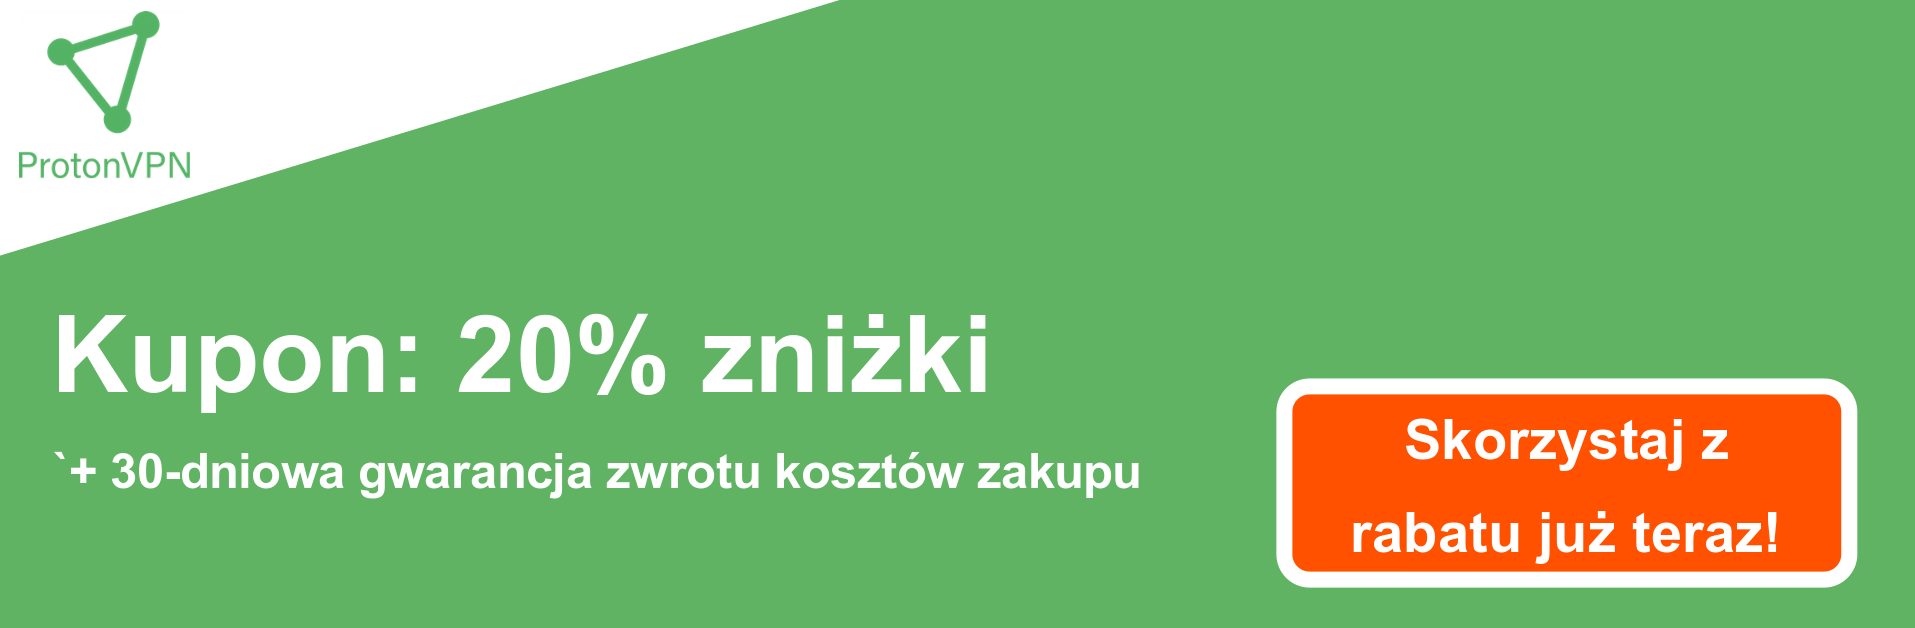 Baner kuponu ProtonVPN - 20% zniżki